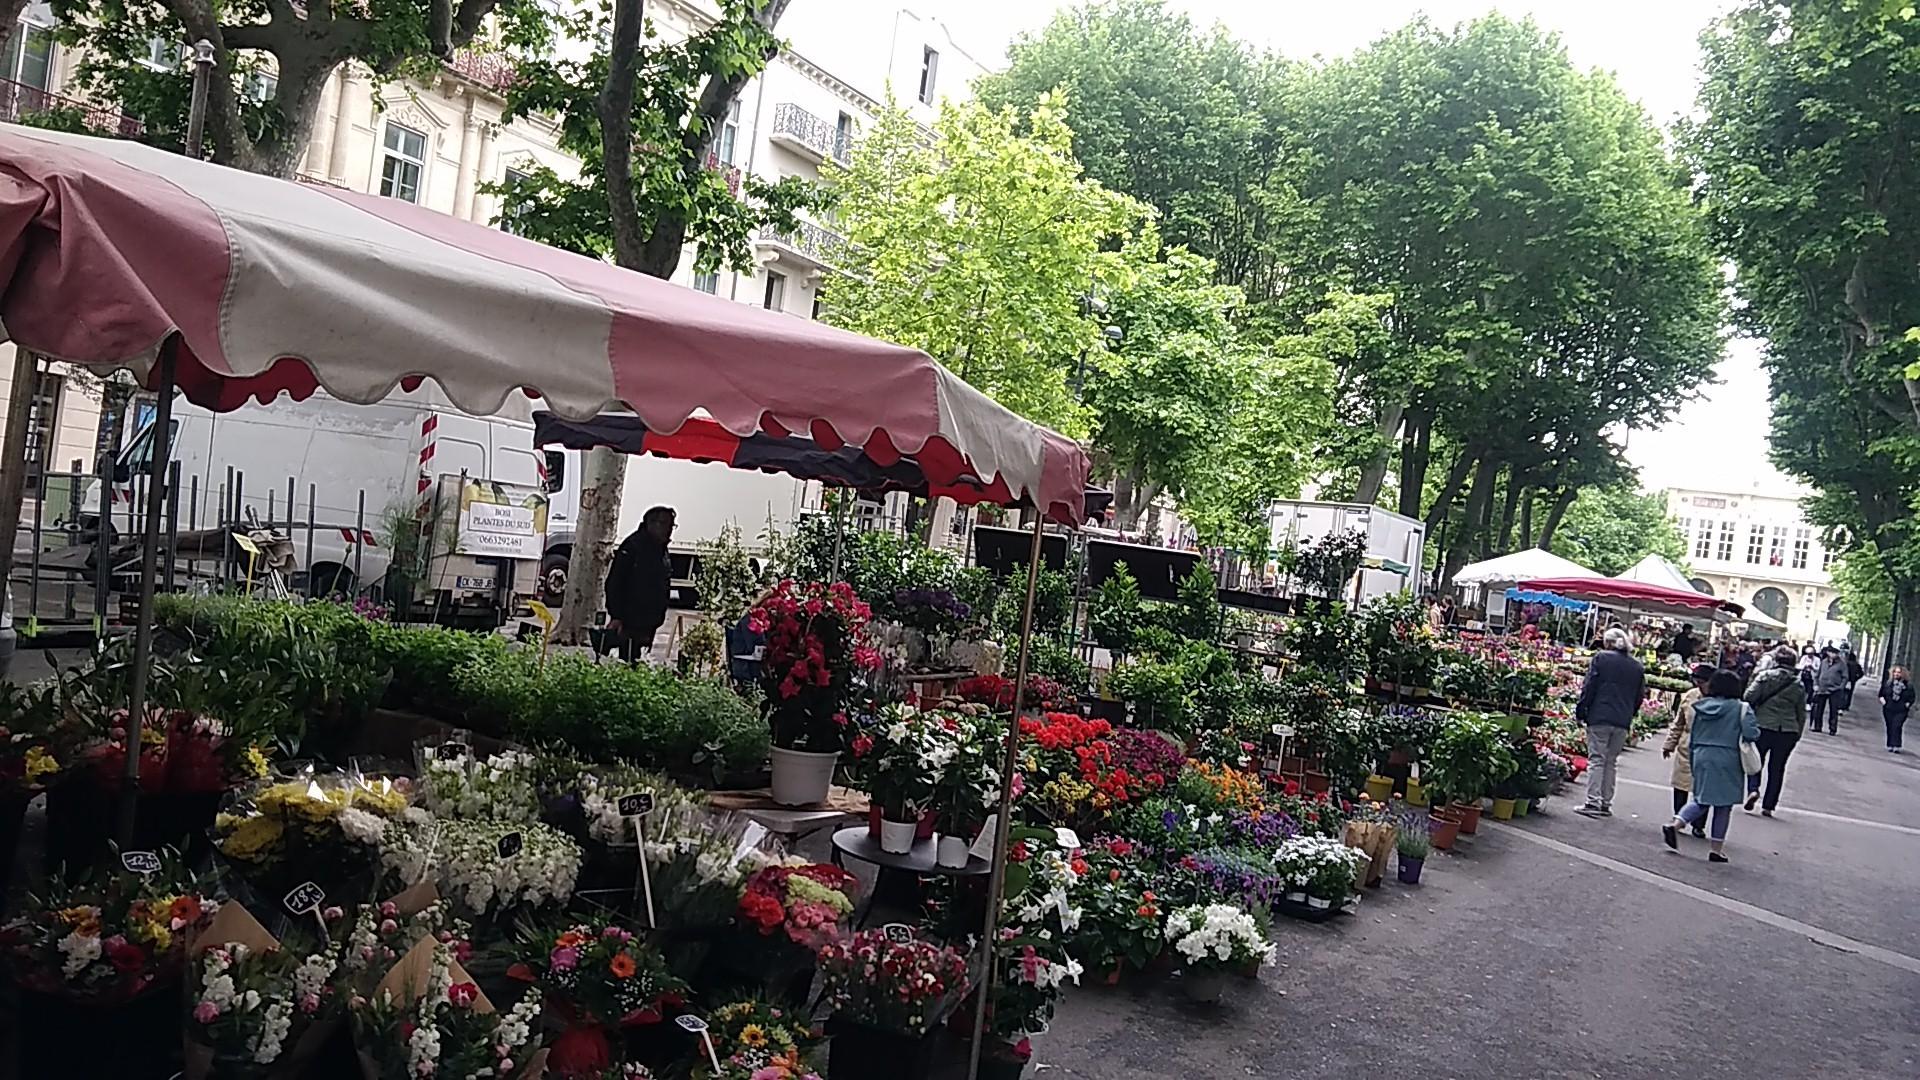 B084-Marche aux fleurs (3)